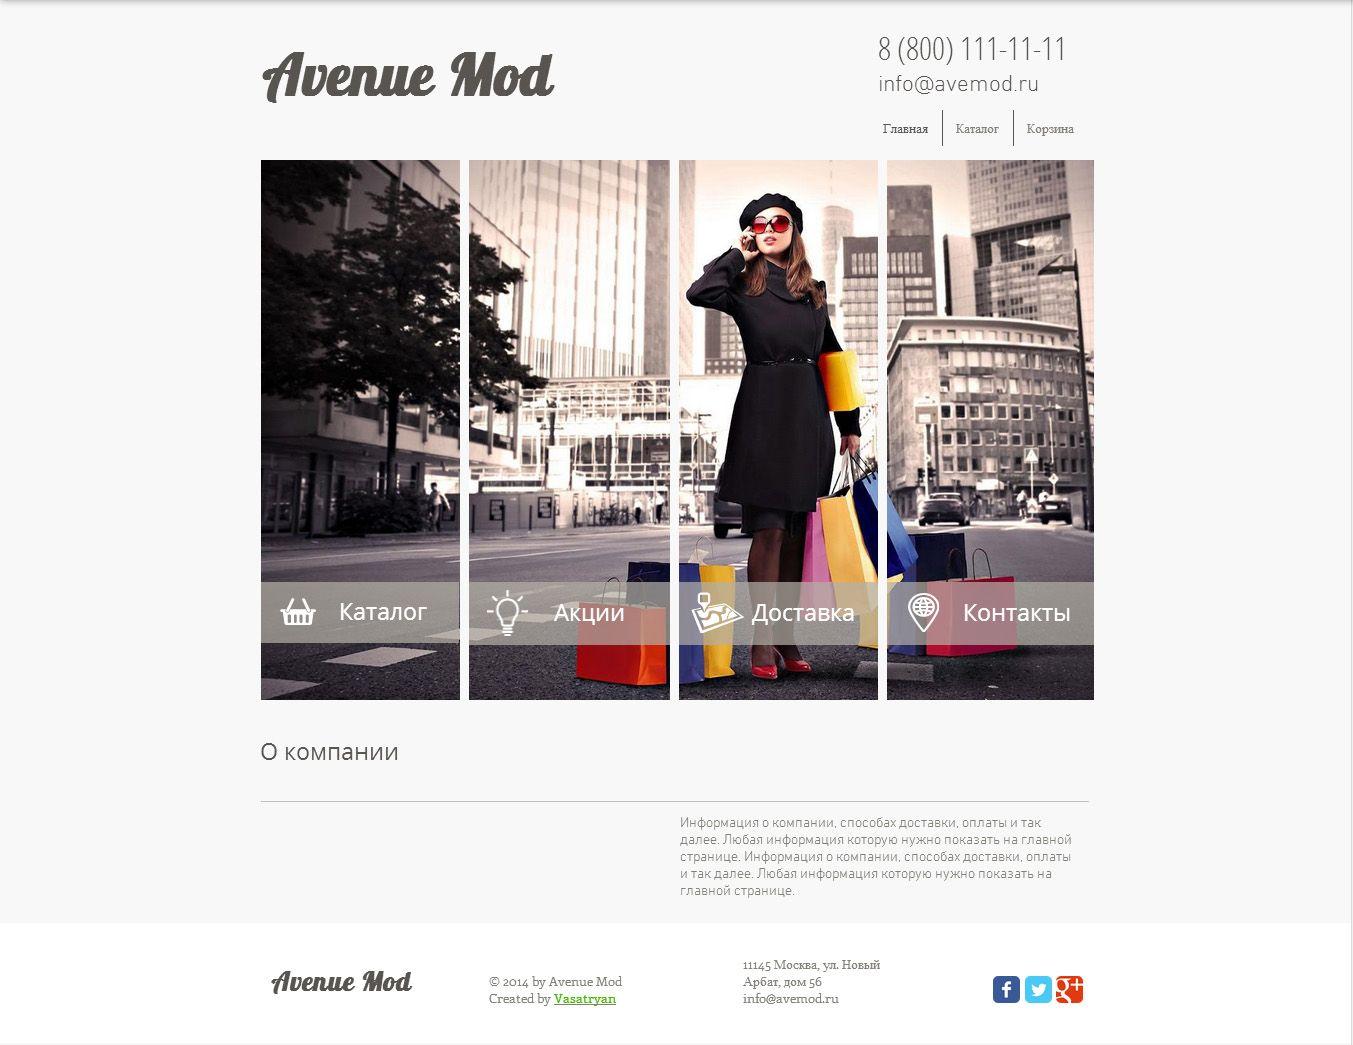 Креативный дизайн интернет магазина женской одежды - дизайнер vasatryan